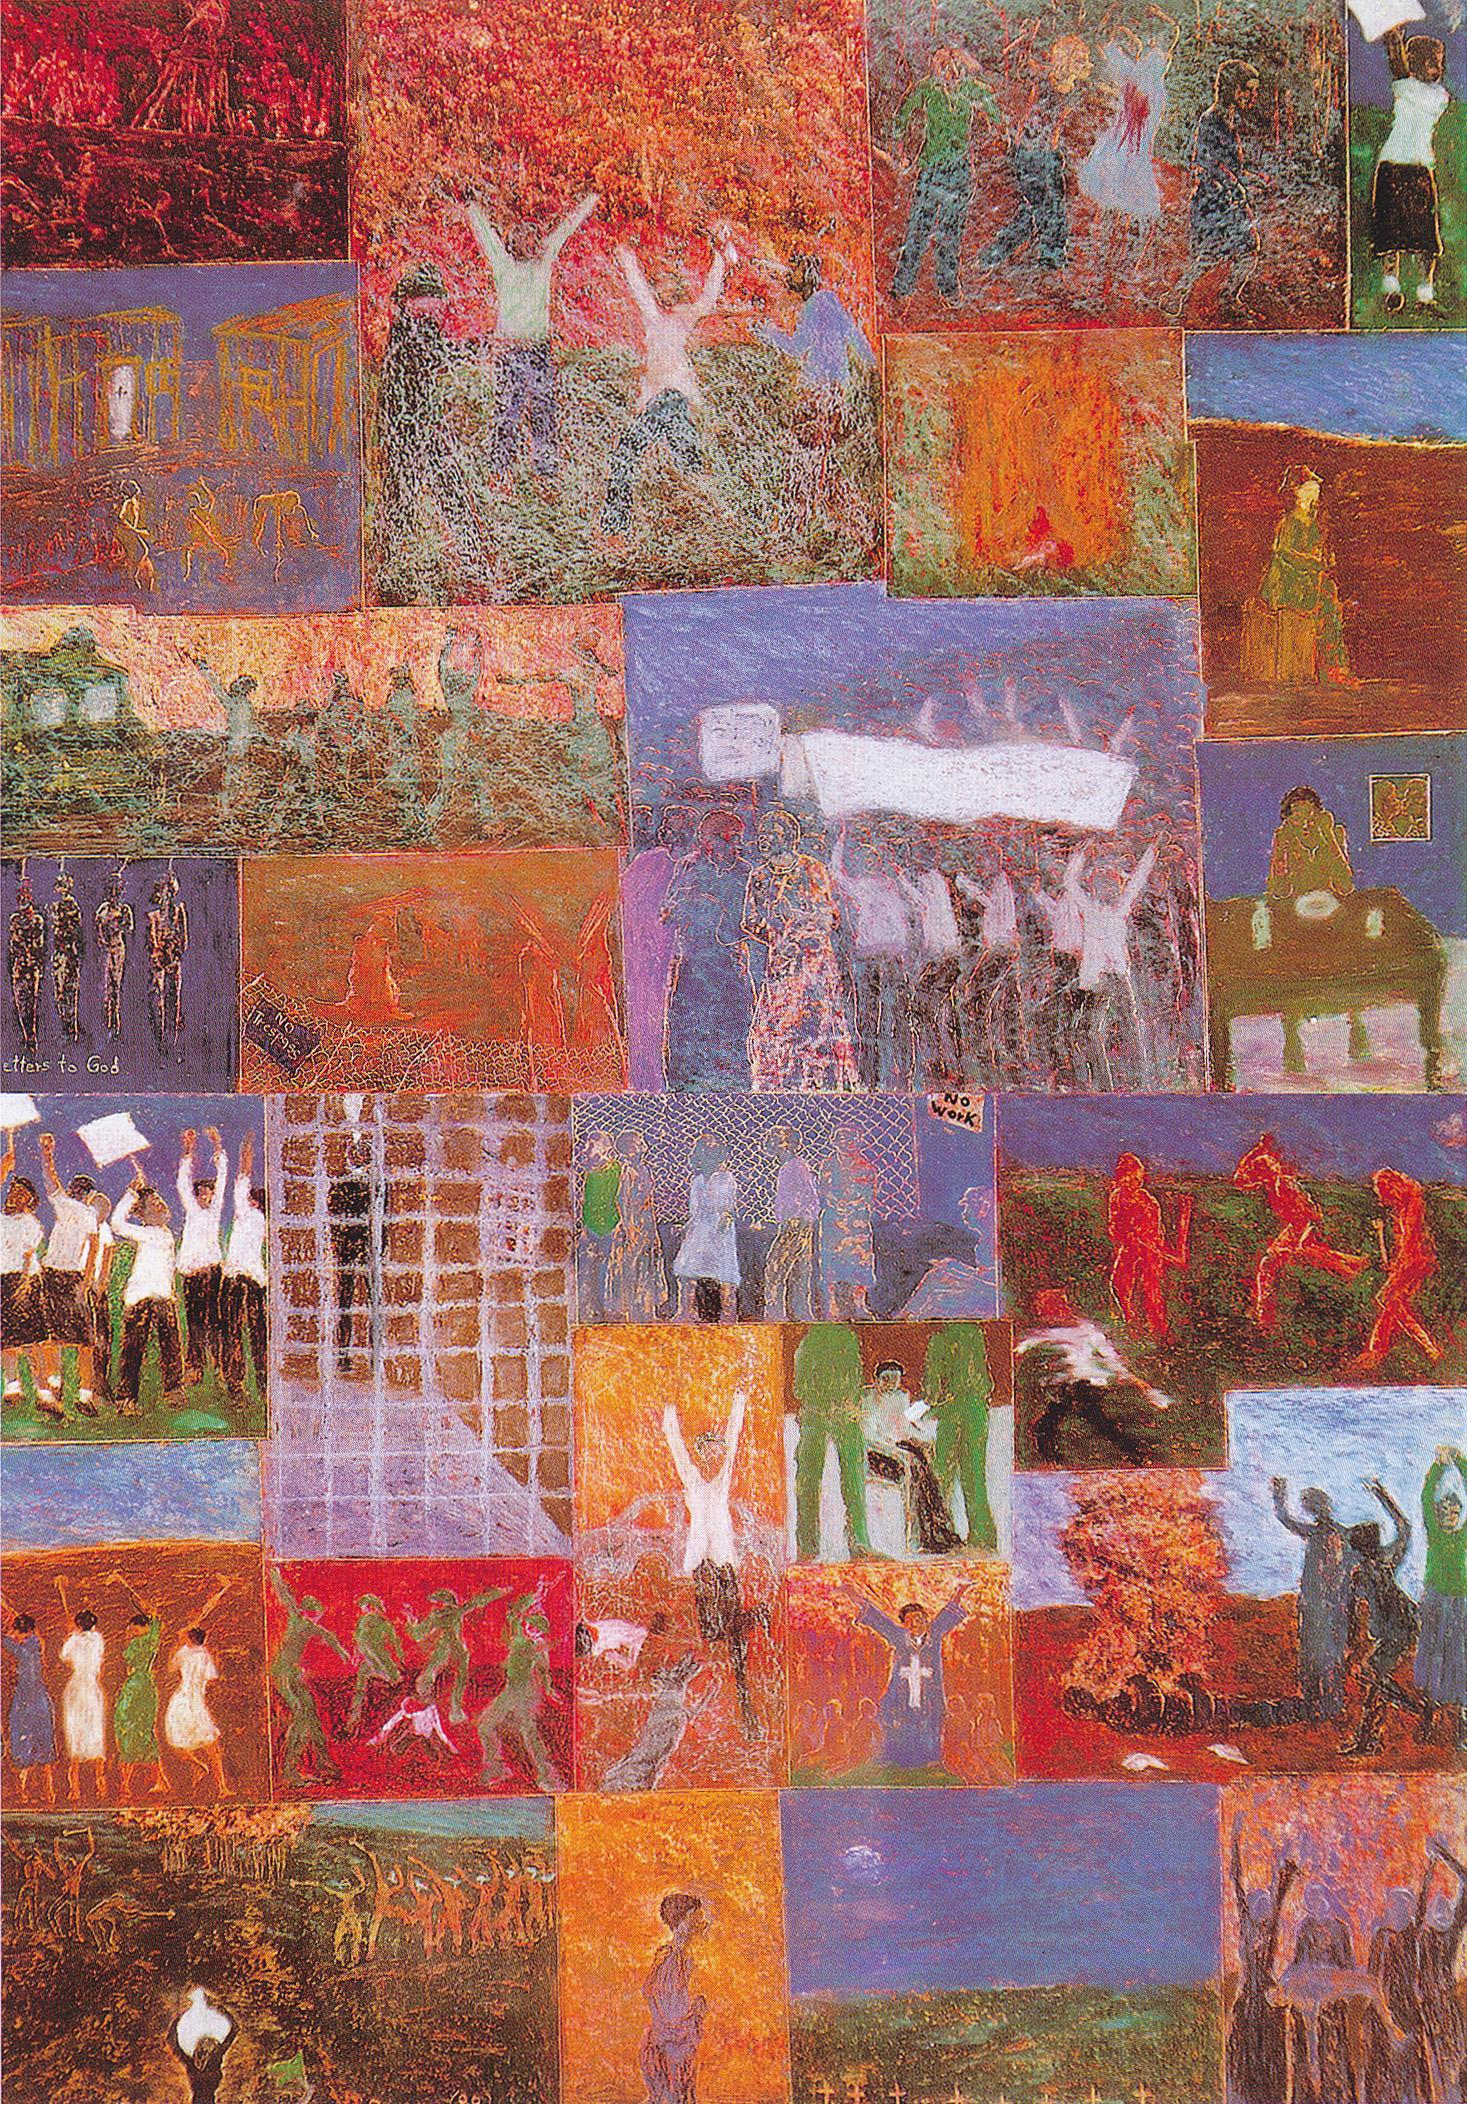 <em>Letters to God (detail)</em>, 1988. Oil pastel on paper, 128 x 91 cm